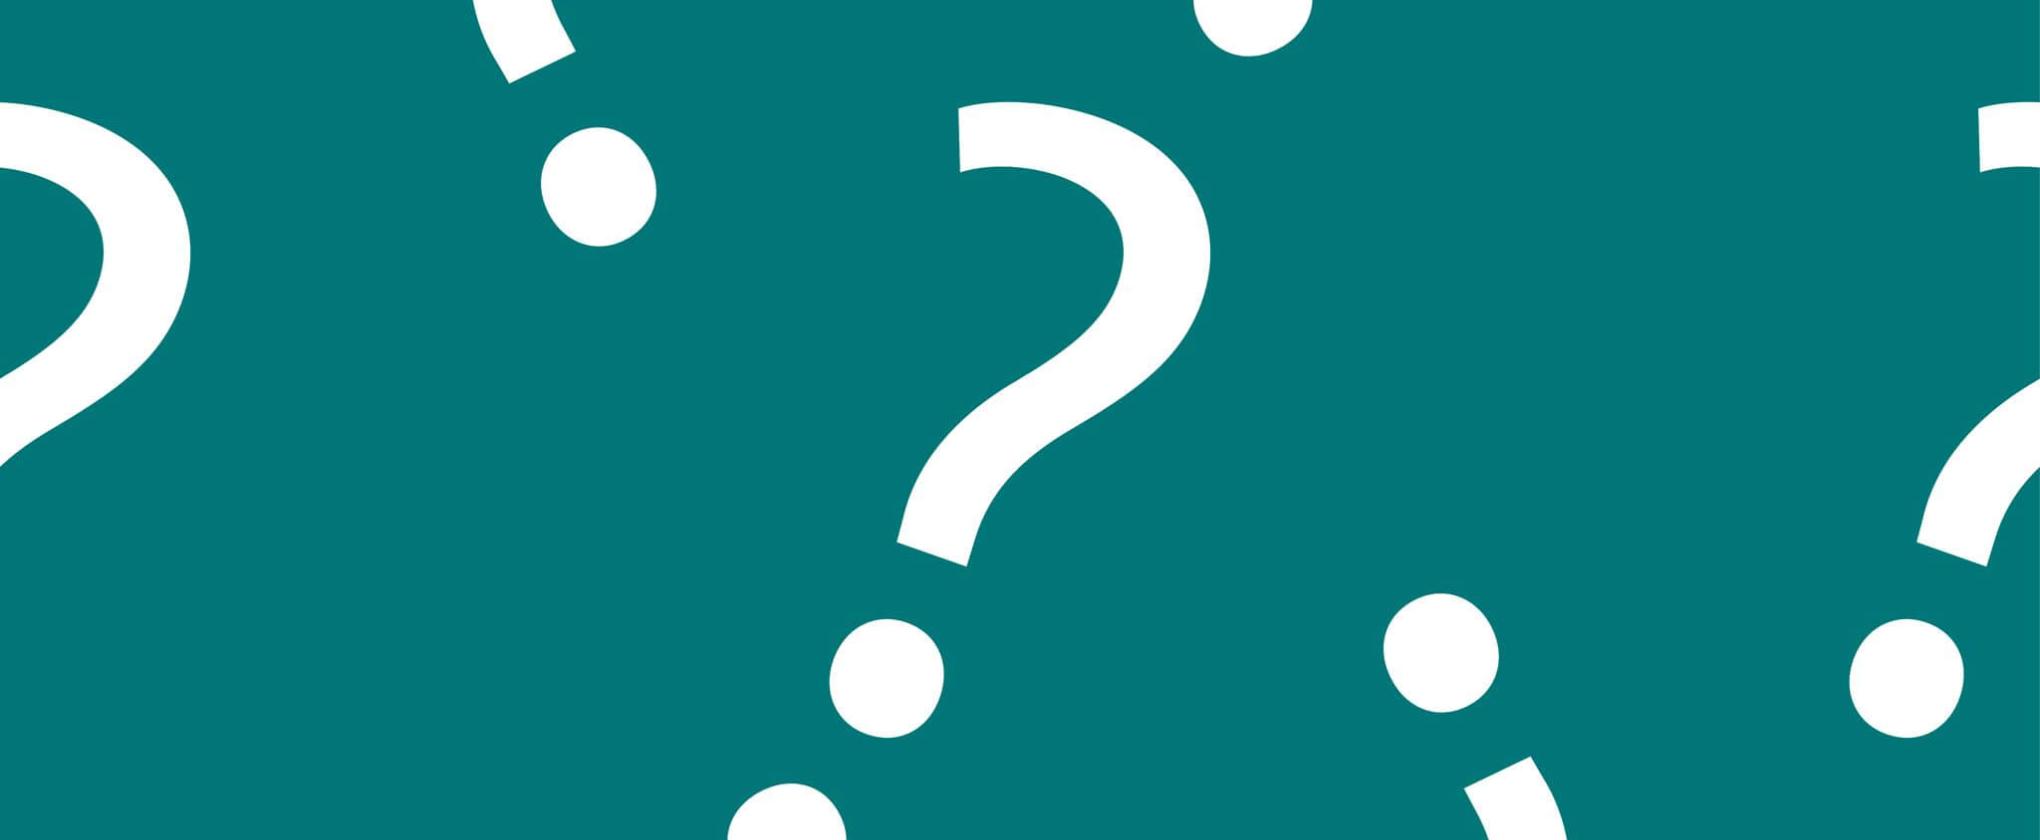 Three FAQ's on Payroll and Tax